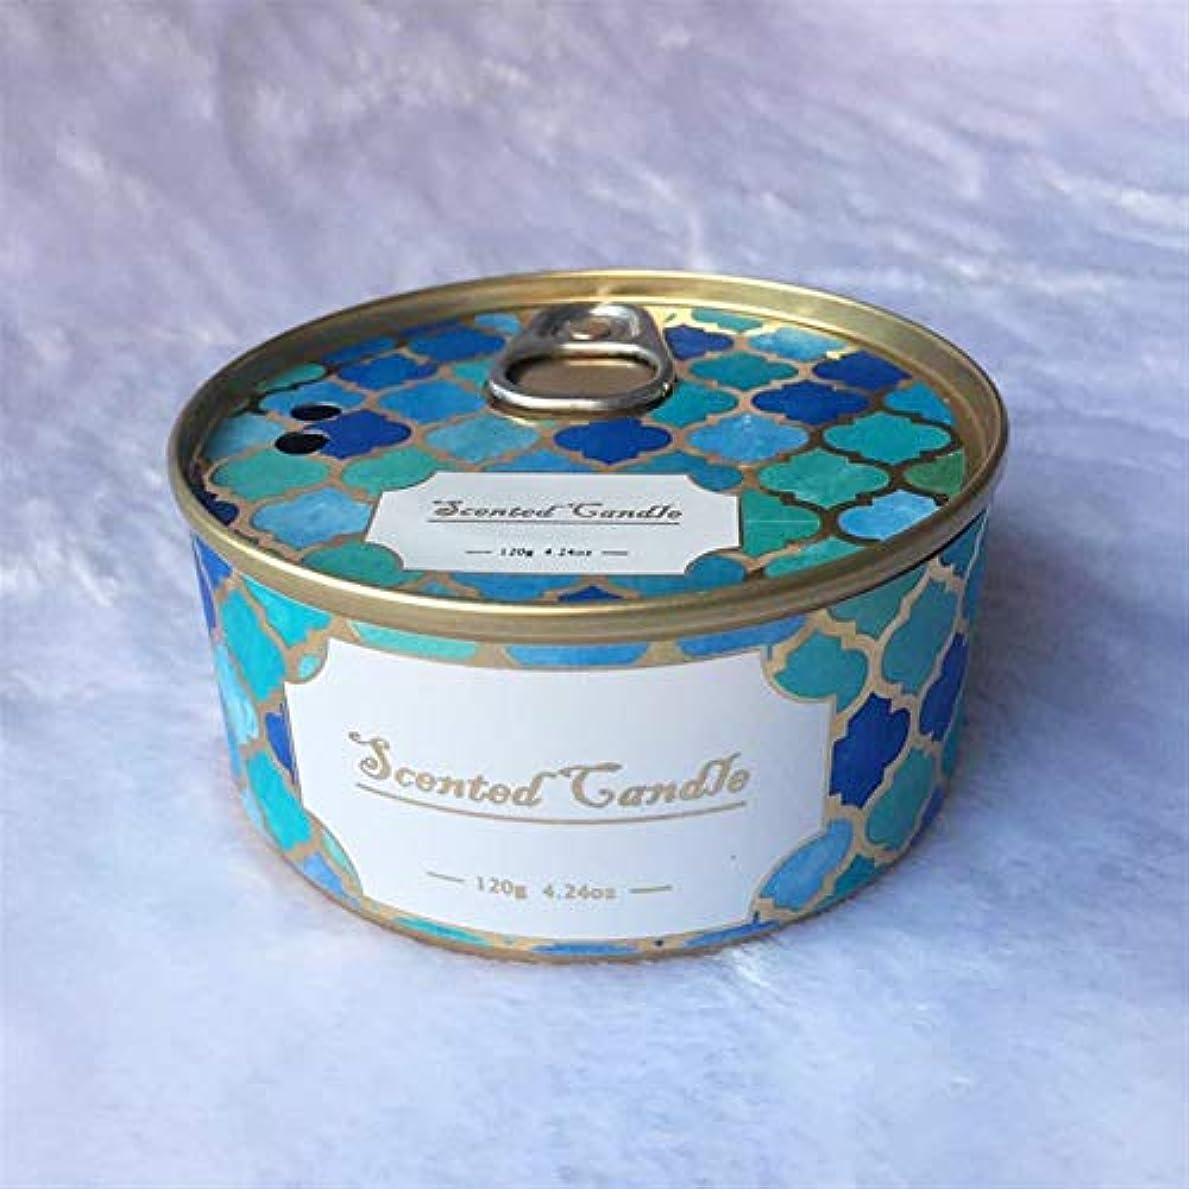 ノミネート電気のドナーGuomao ブリキ缶植物エッセンシャルオイルハイエンドギフト大豆ワックスモスオーキッド香りのキャンドル (色 : Moss)